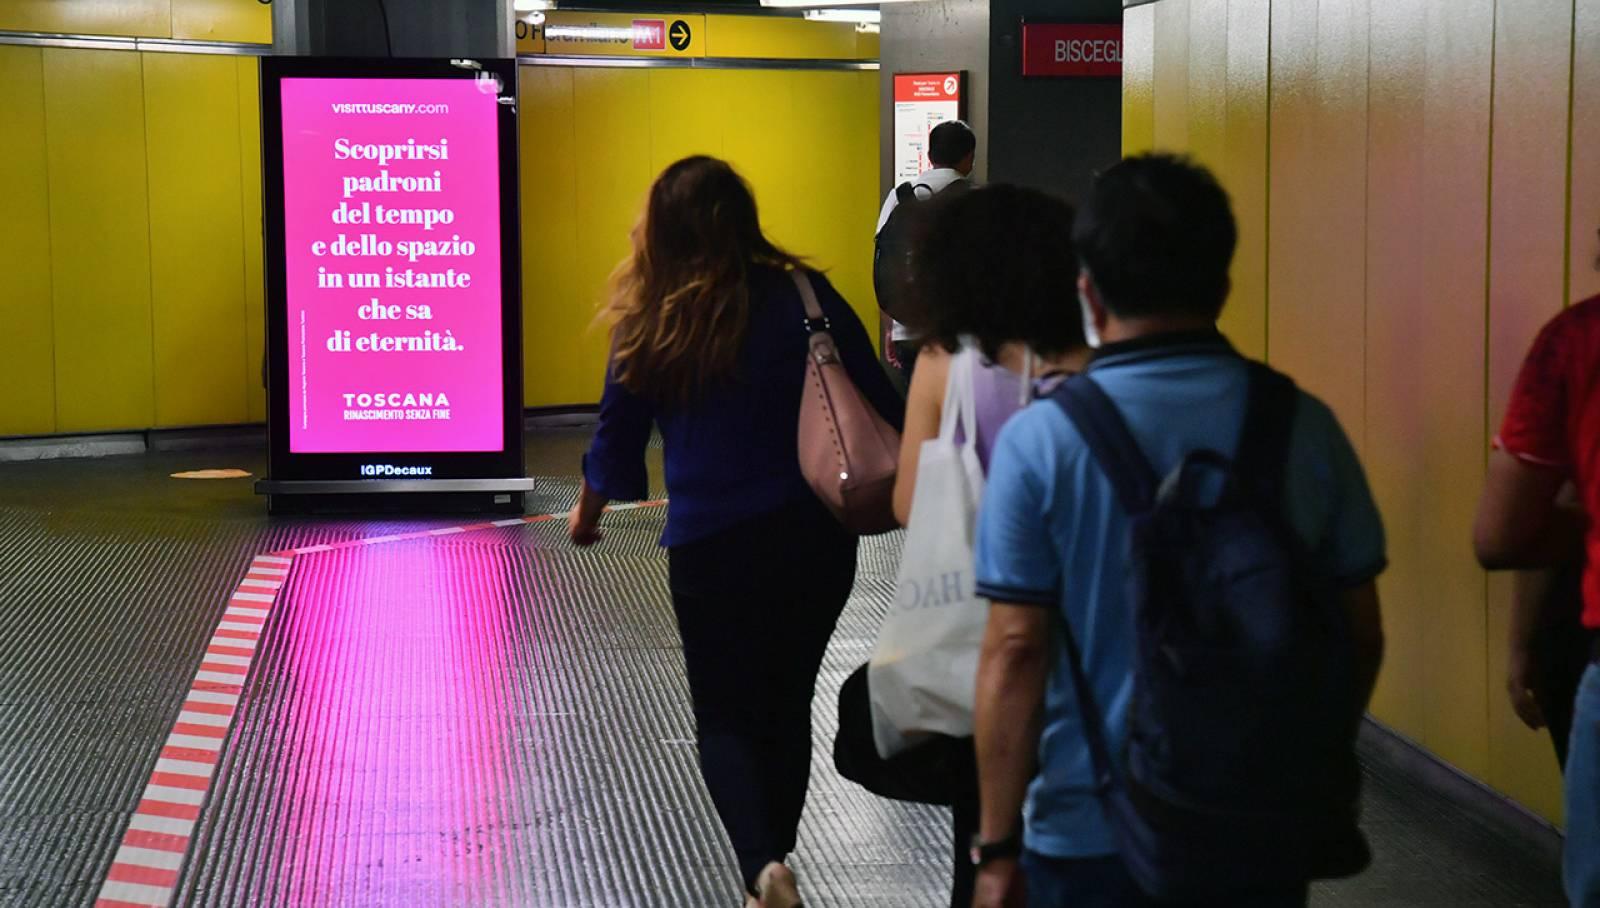 Pubblicità metro Milano IGPDecaux Network Vision per Toscana Promozione Turistica